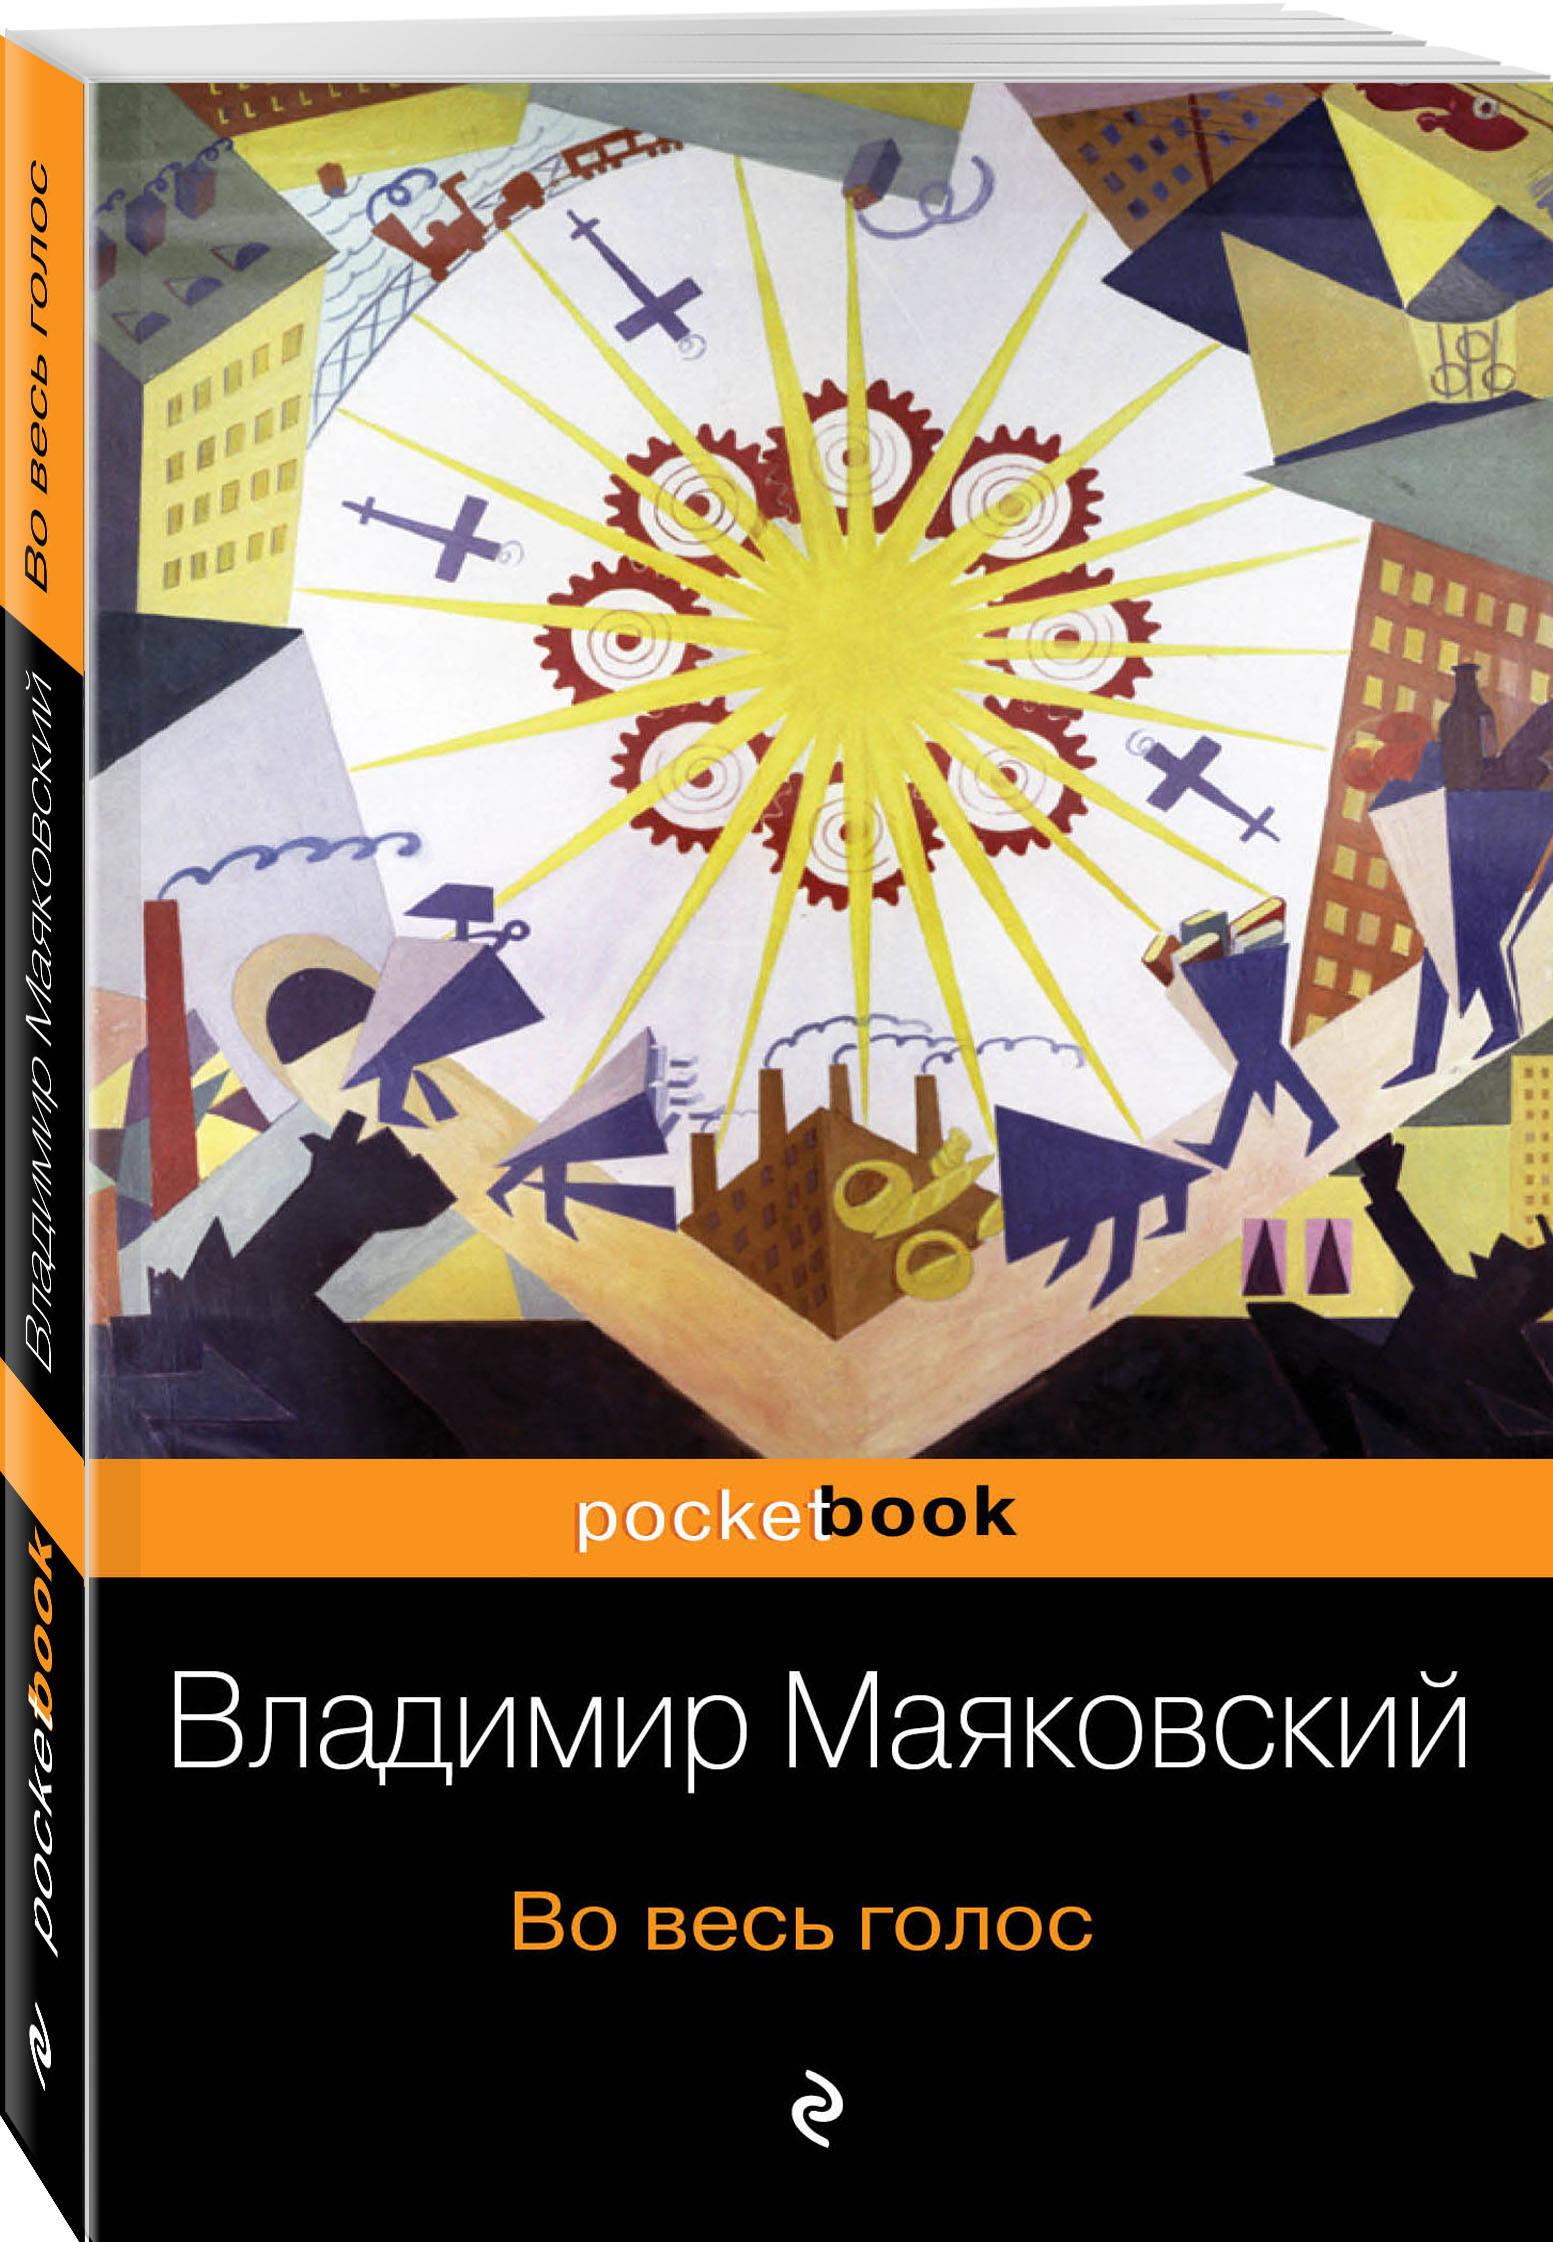 Фото - Владимир Маяковский Во весь голос в в маяковский послушайте